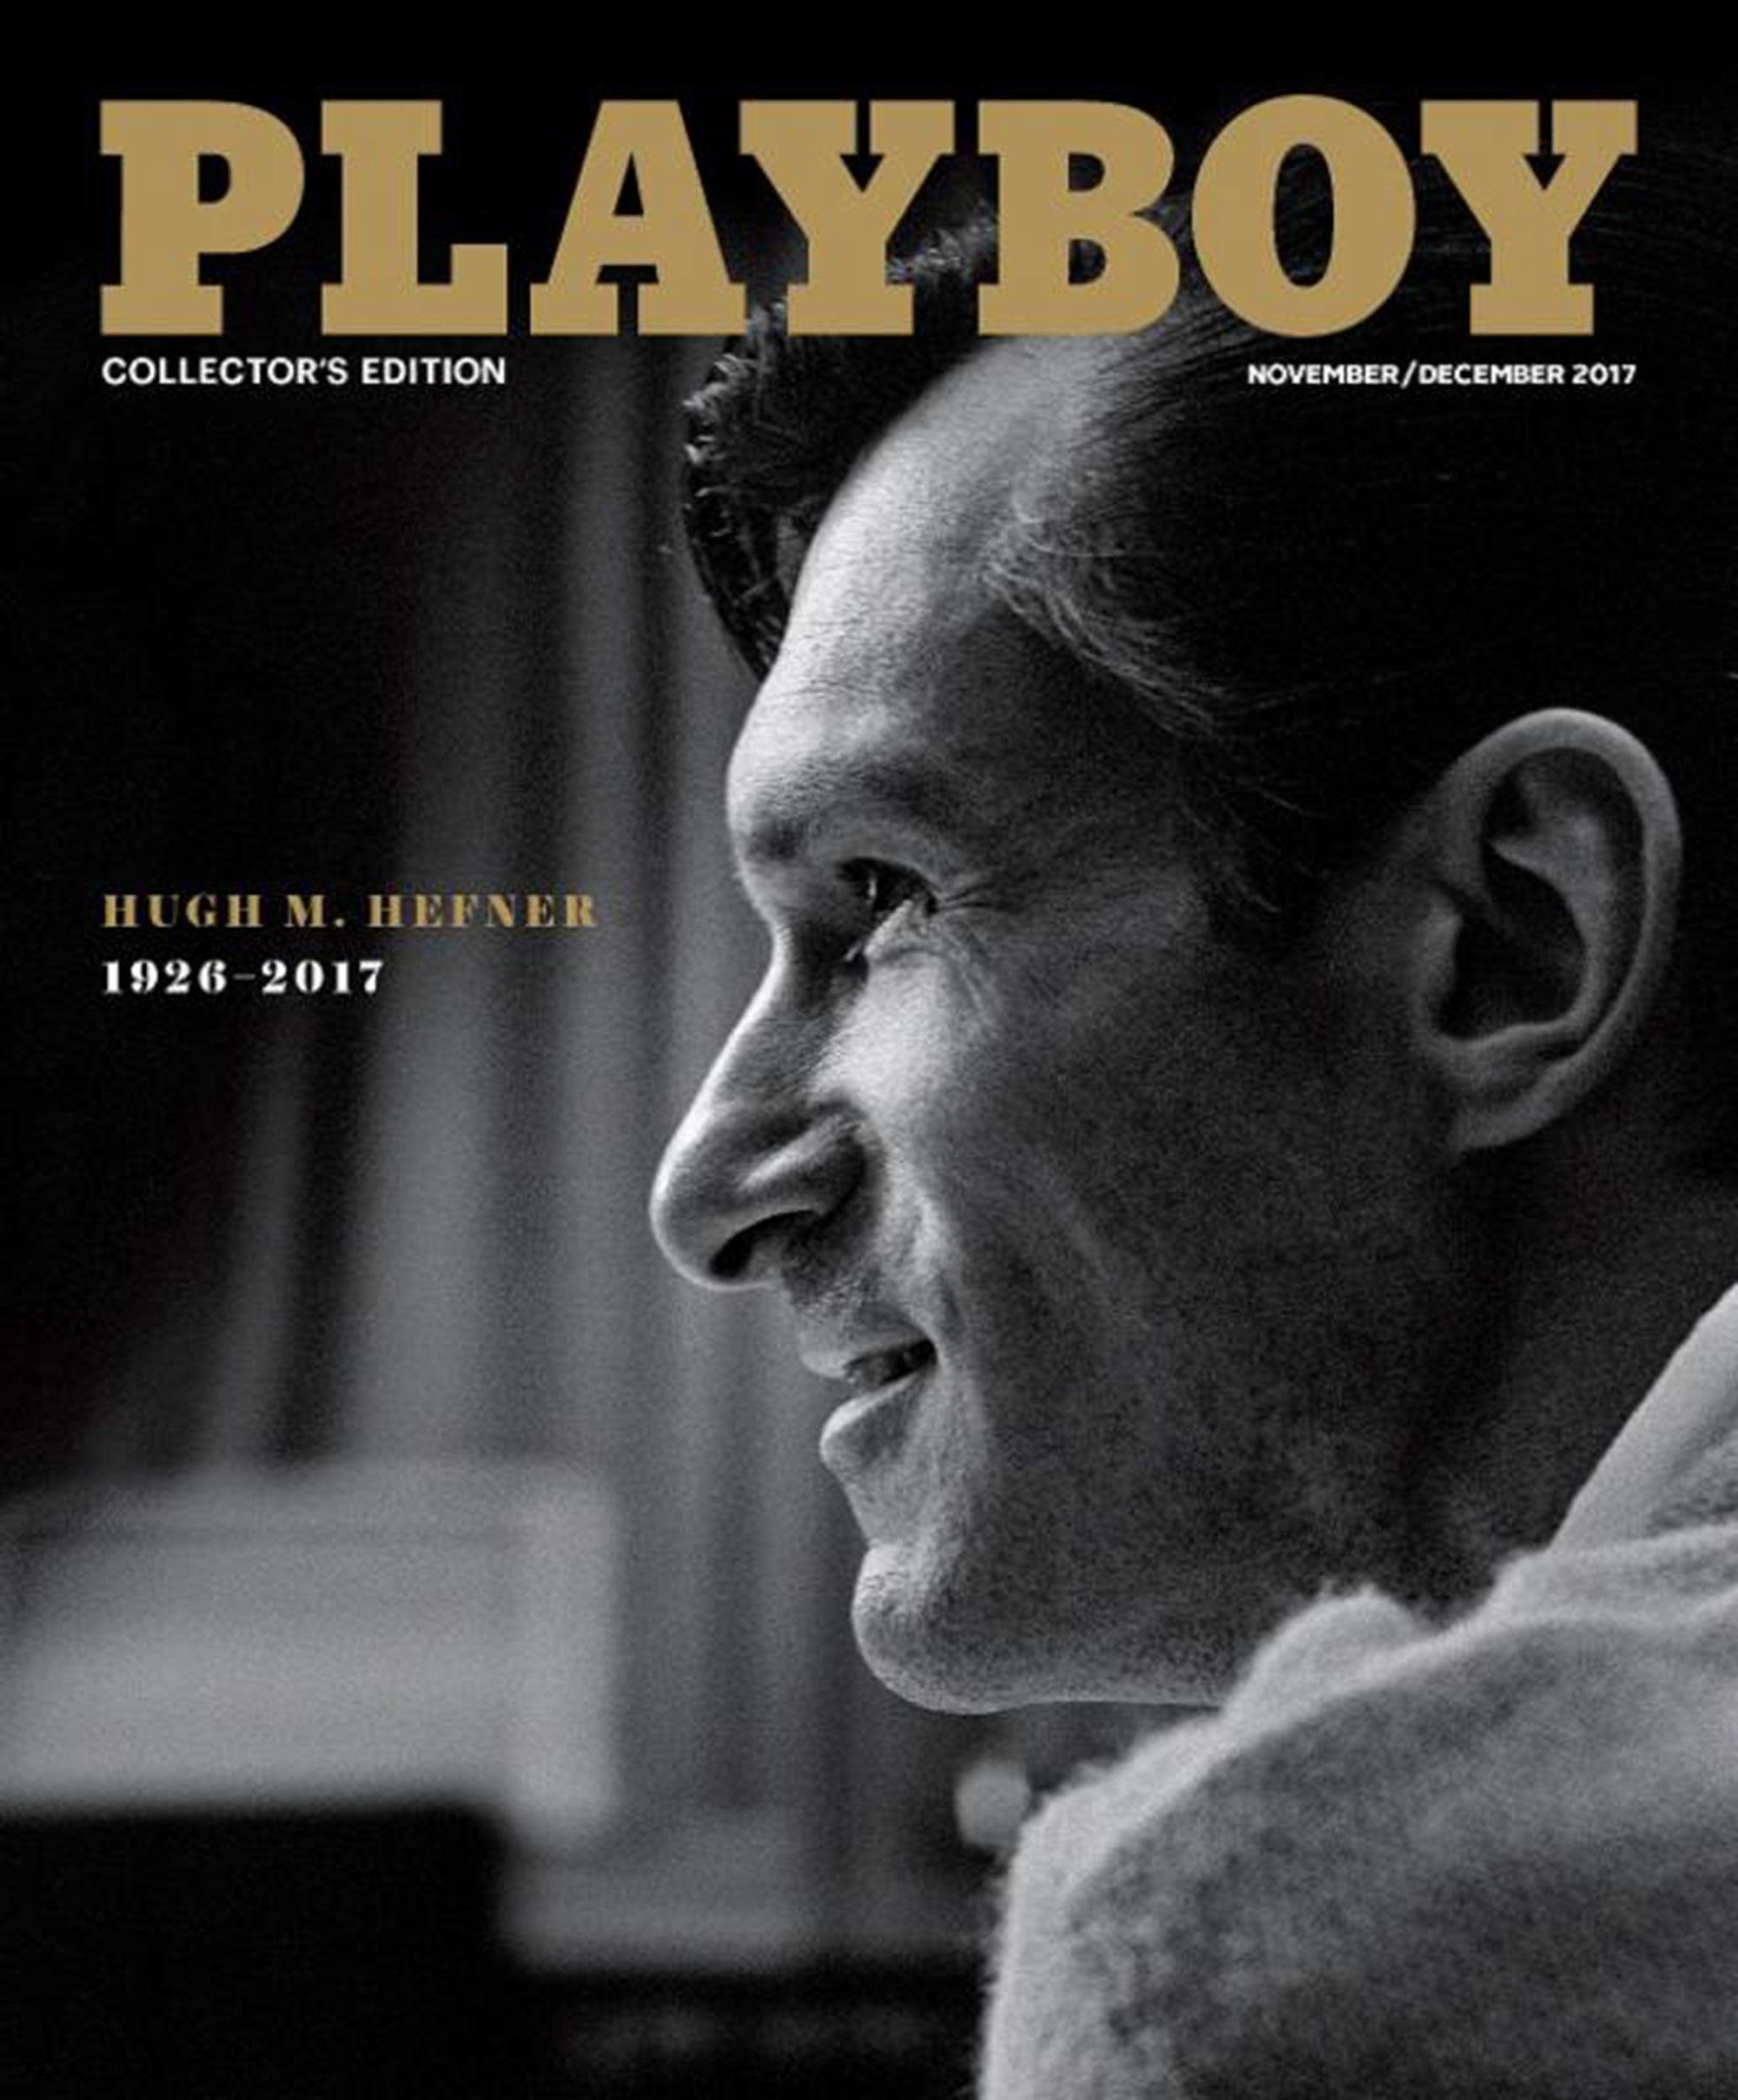 Първият брой на Playboy след смъртта на Хефнър е изцяло в негова памет.